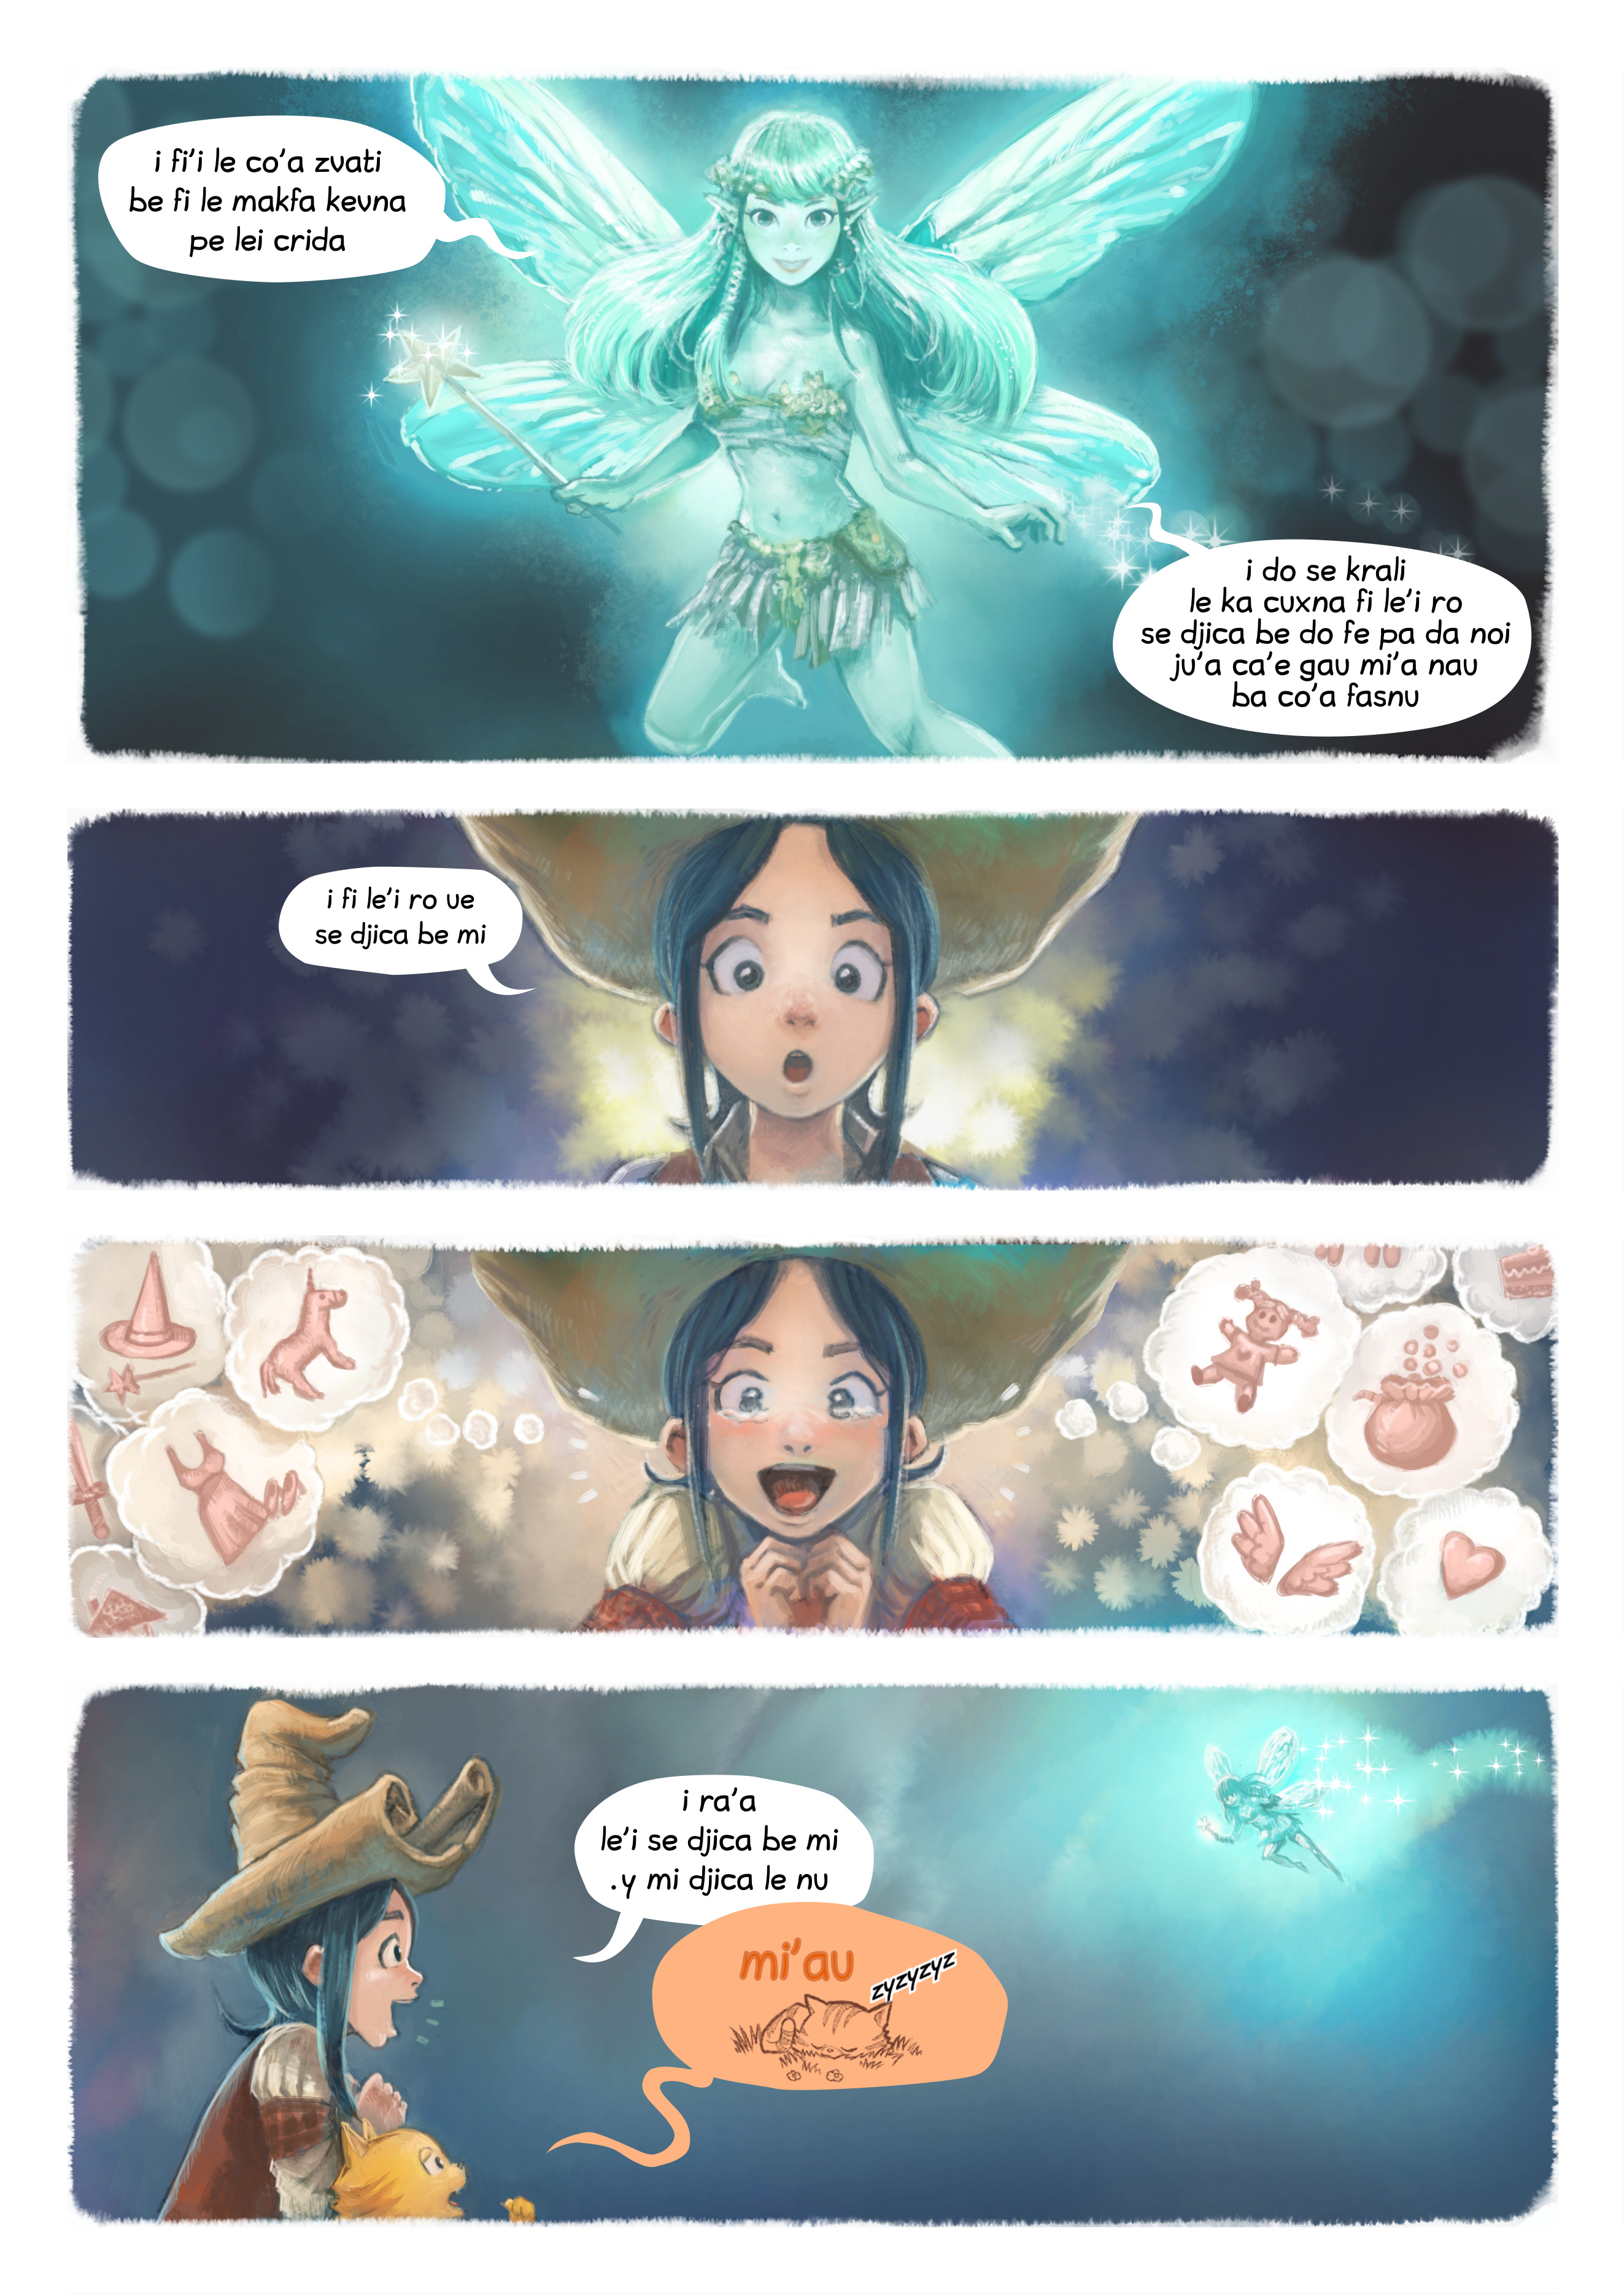 i 7 mo'o lisri le se djica, Page 4